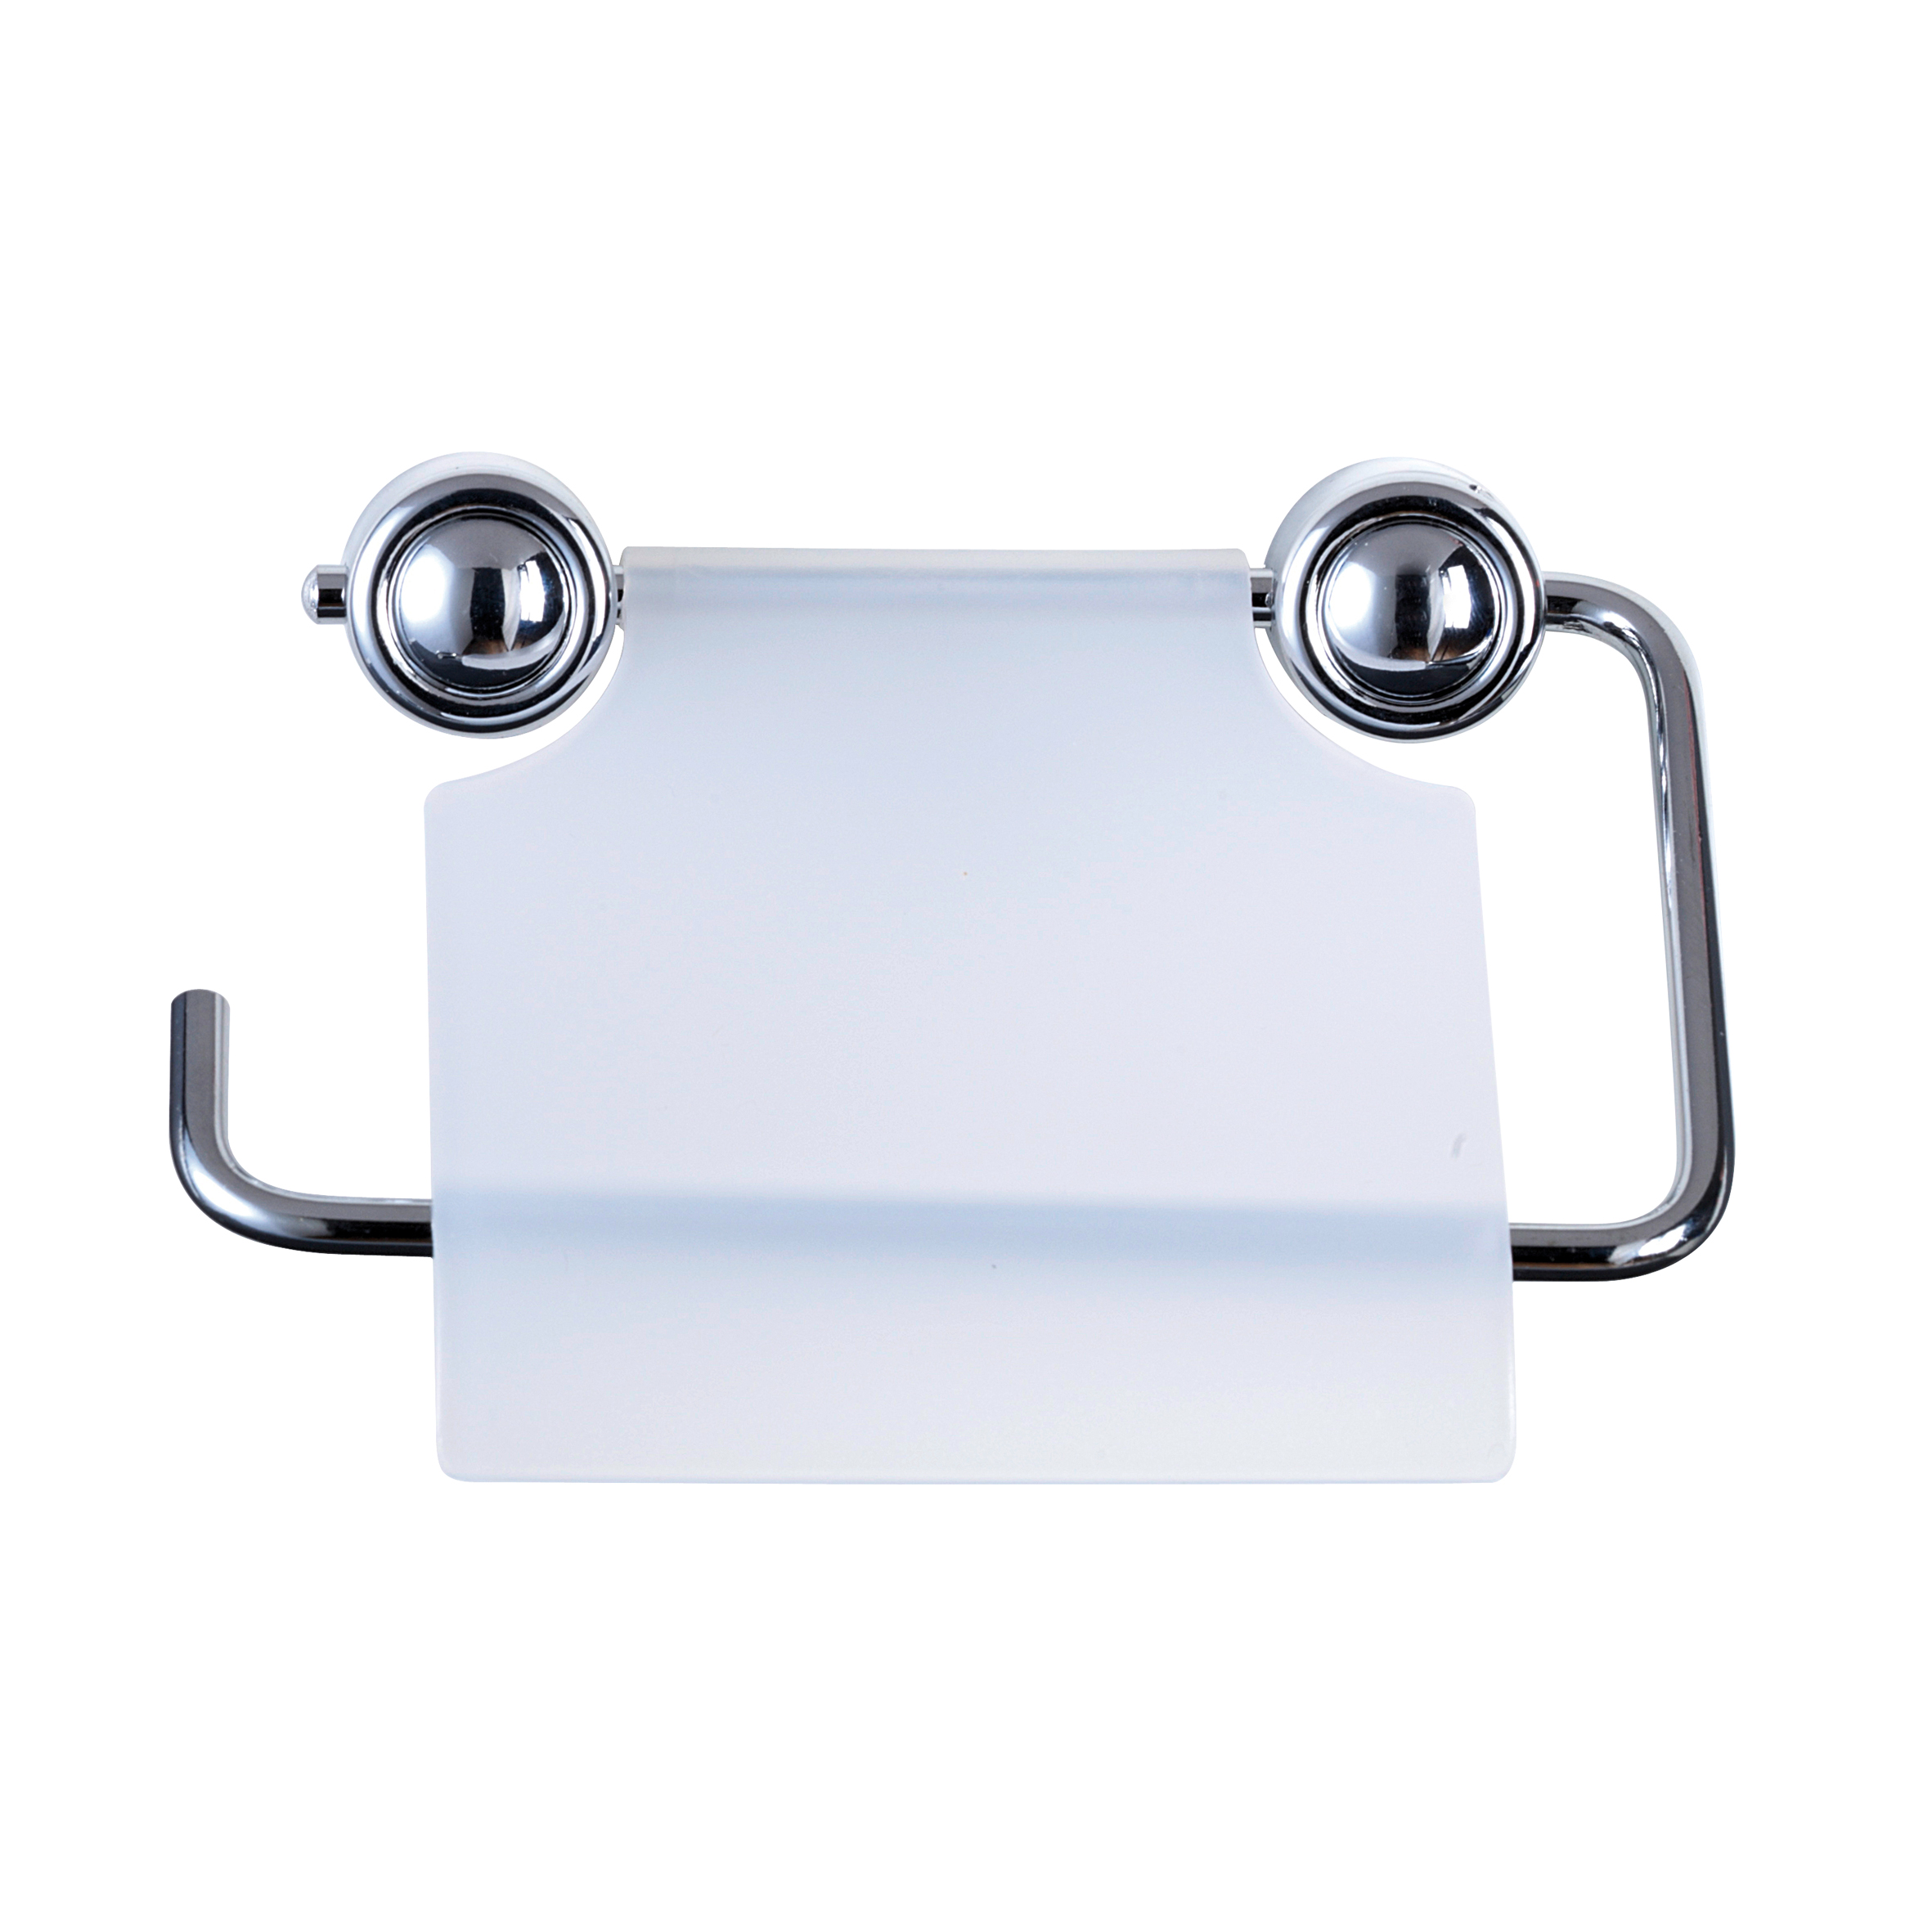 Держатель для туалетной бумаги Axentia Atlantik, с крышкой, 13 х 10 х 13,3. 280030280030Держатель для туалетной бумаги Axentia Atlantik, выполненный из высококачественной хромированной стали, оснащен пластиковой крышкой. Изделие крепится на стену с помощью шурупов (входят в комплект). Держатель поможет оформить интерьер в выбранном стиле, разбавляя пространство туалетной комнаты различными элементами. Он хорошо впишется в любой интерьер, придавая ему черты современности. Отлично сочетается с другими аксессуарами из коллекции Atlantik.Размер держателя: 13 х 10 х 13,3 см.